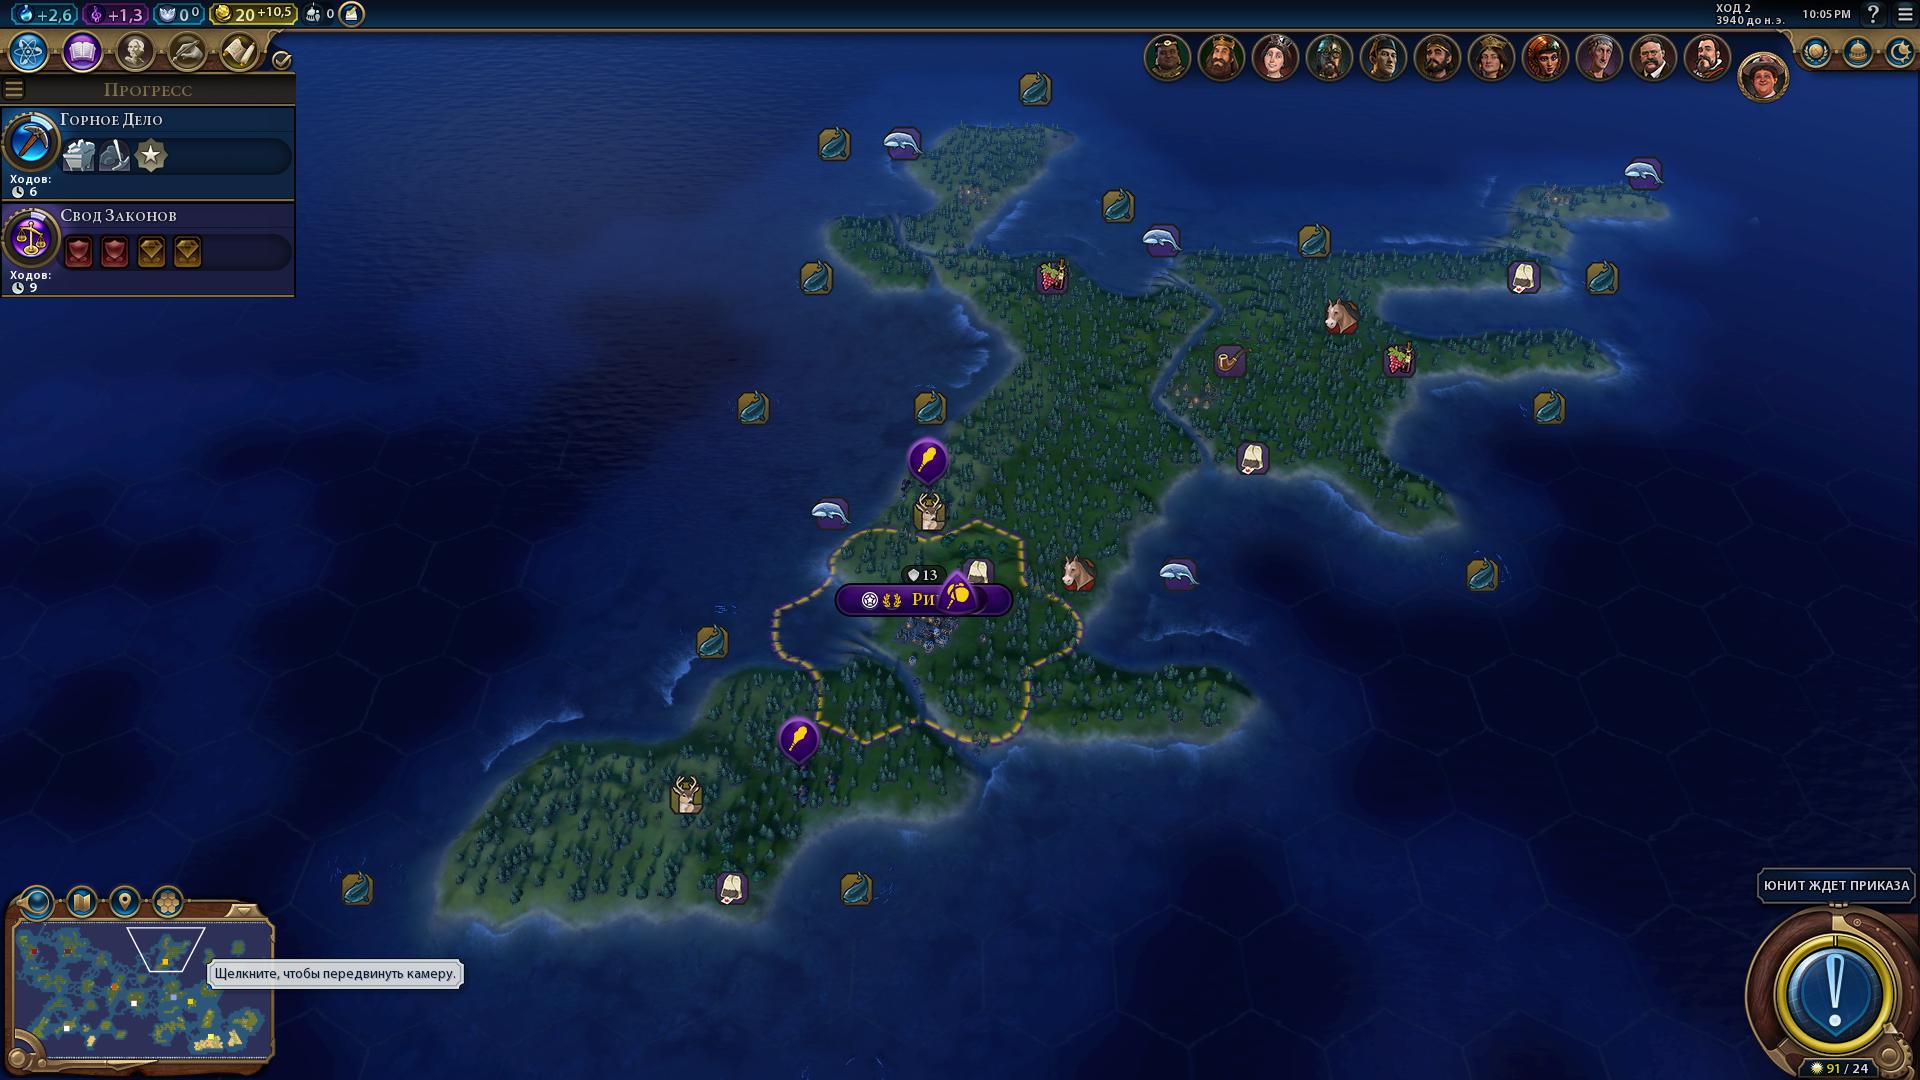 Sid Meier's Civilization VI Screenshot 2018.11.19 - 22.05.50.93.png